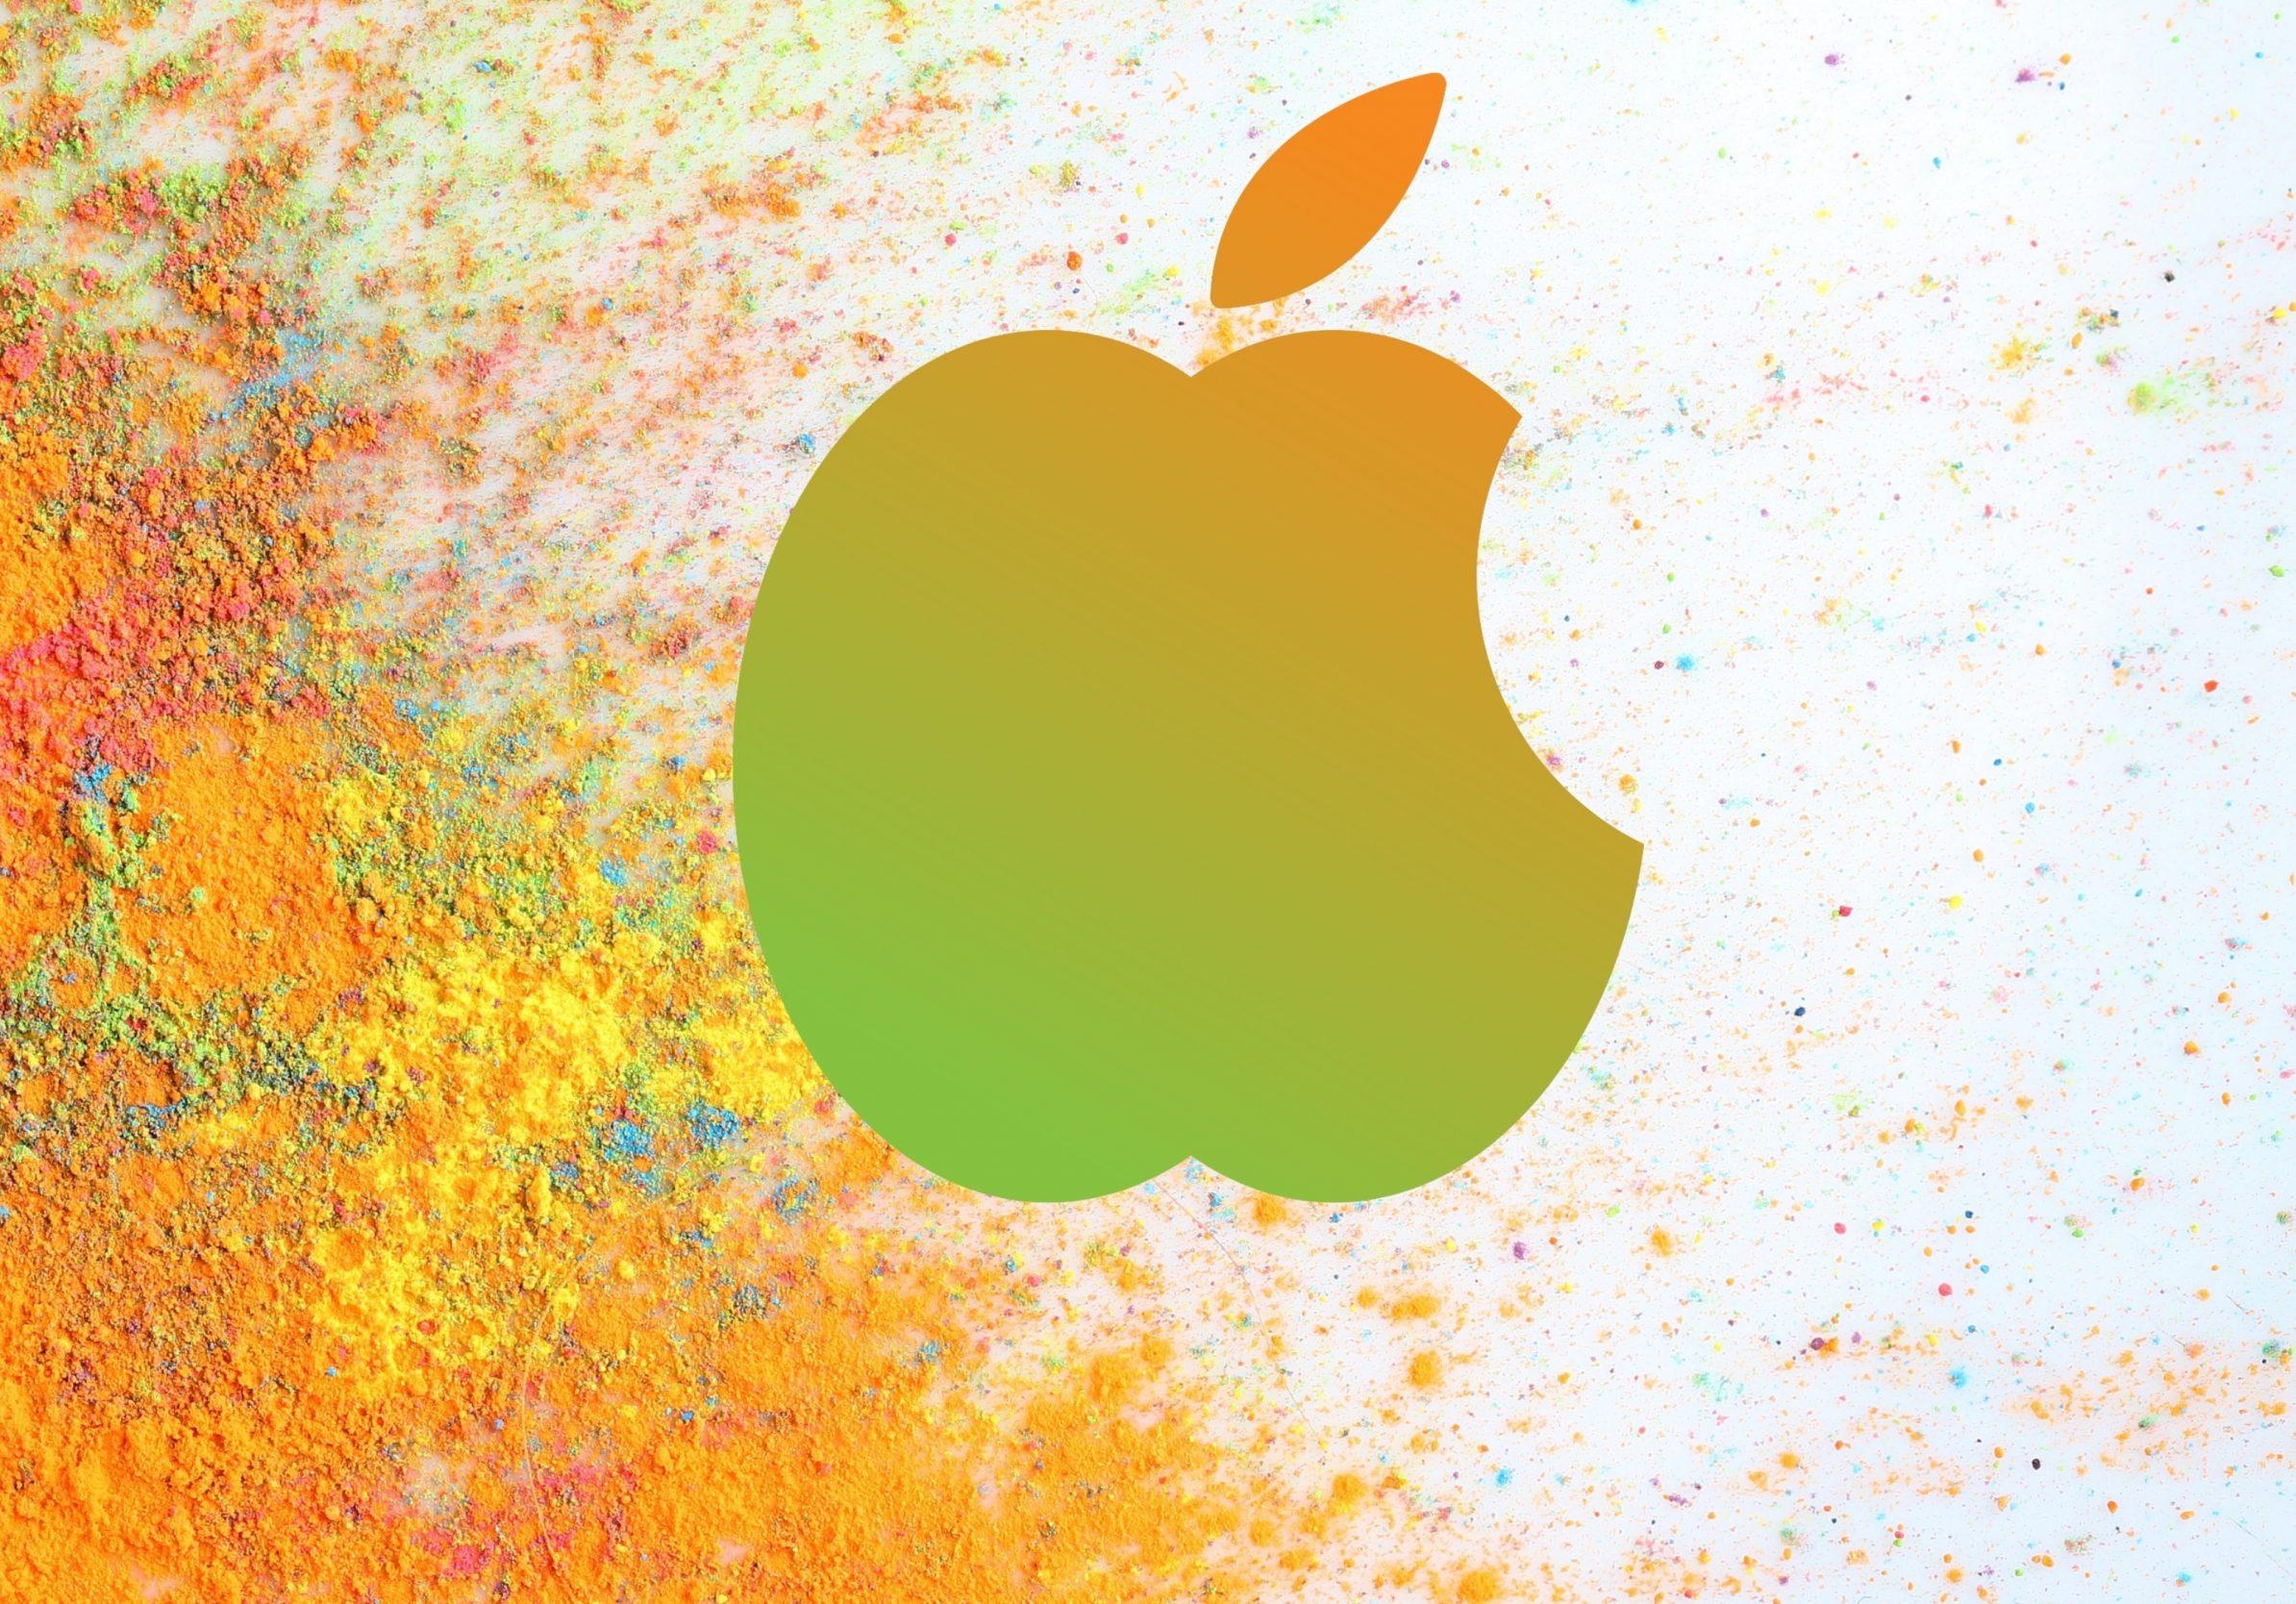 2388x1668 iPad Pro wallpapers Apple 2021 iPad Wallpaper 2388x1668 pixels resolution